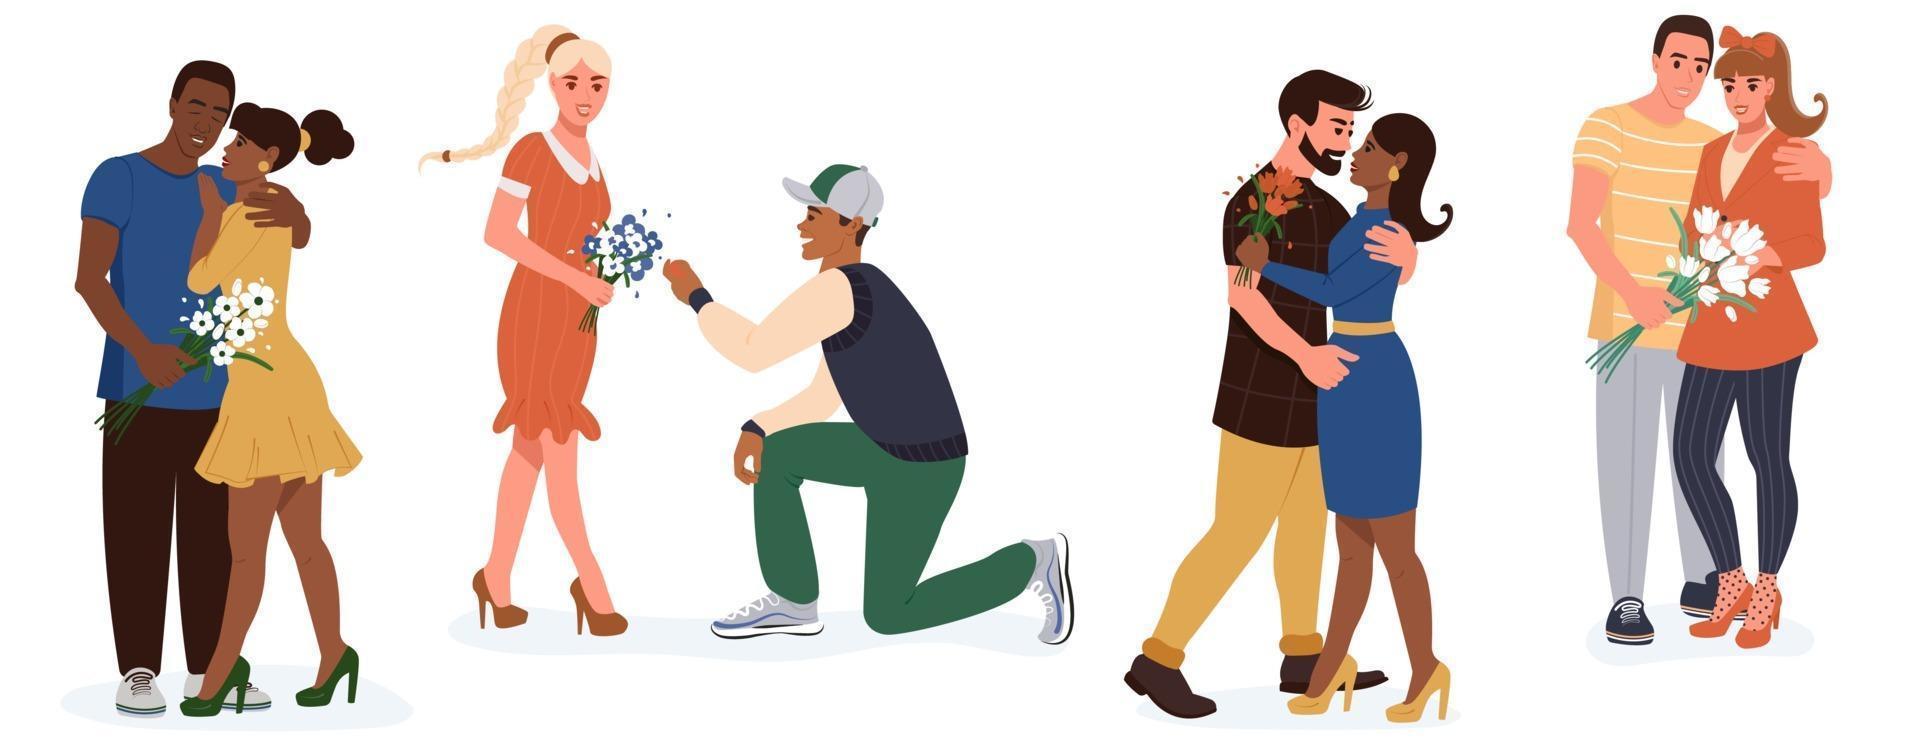 aantal jonge gelukkige romantische koppels. idee van diversiteit en sociaal saamhorigheid. paren mannen en vrouwen op date. platte vector geïsoleerd op een witte achtergrond